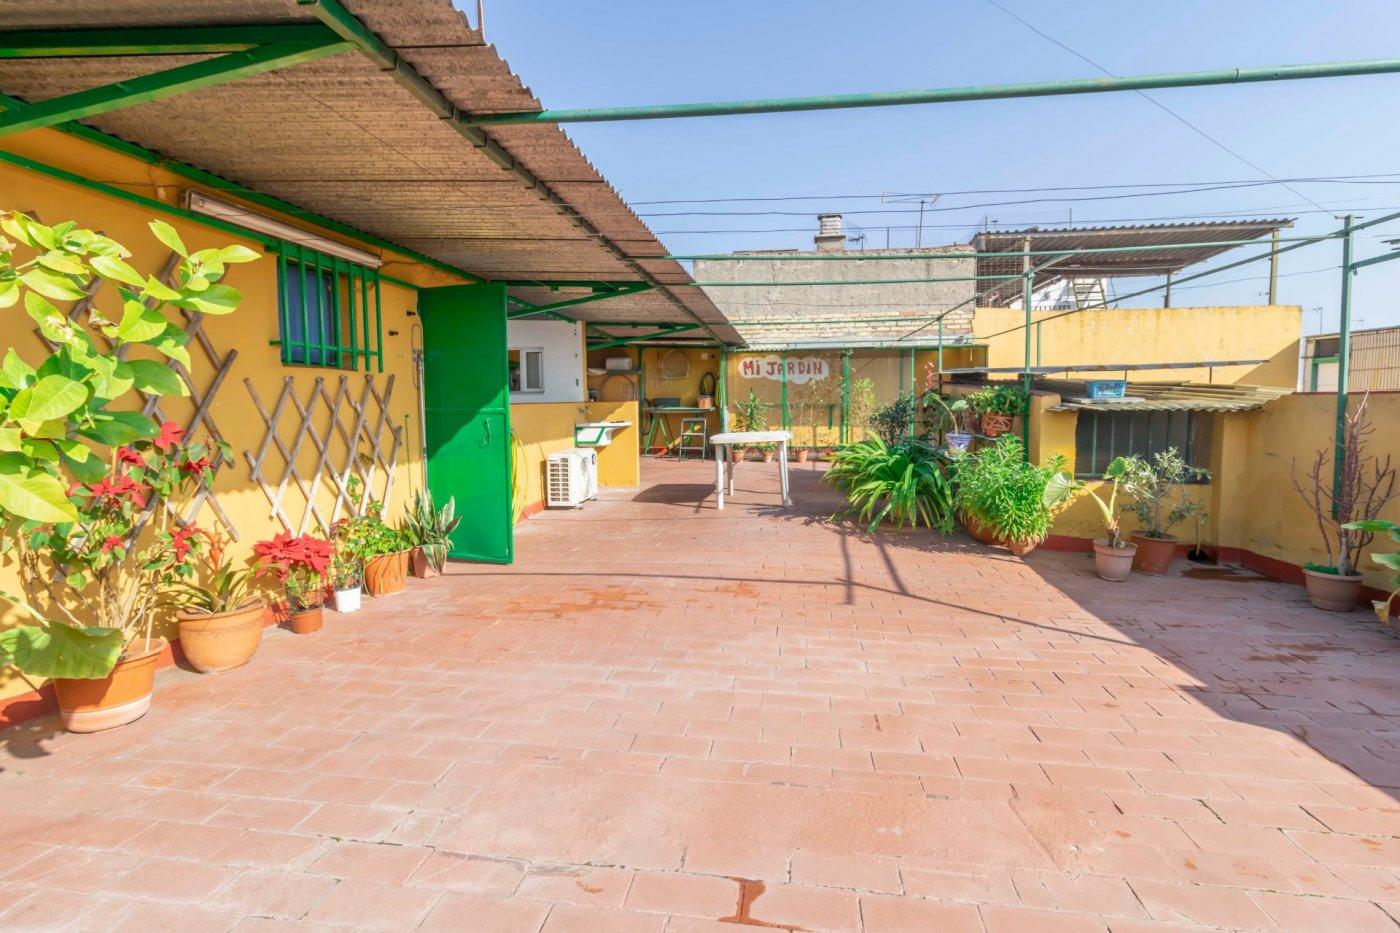 Casa a la venta en zona padre pÍo - imagenInmueble35